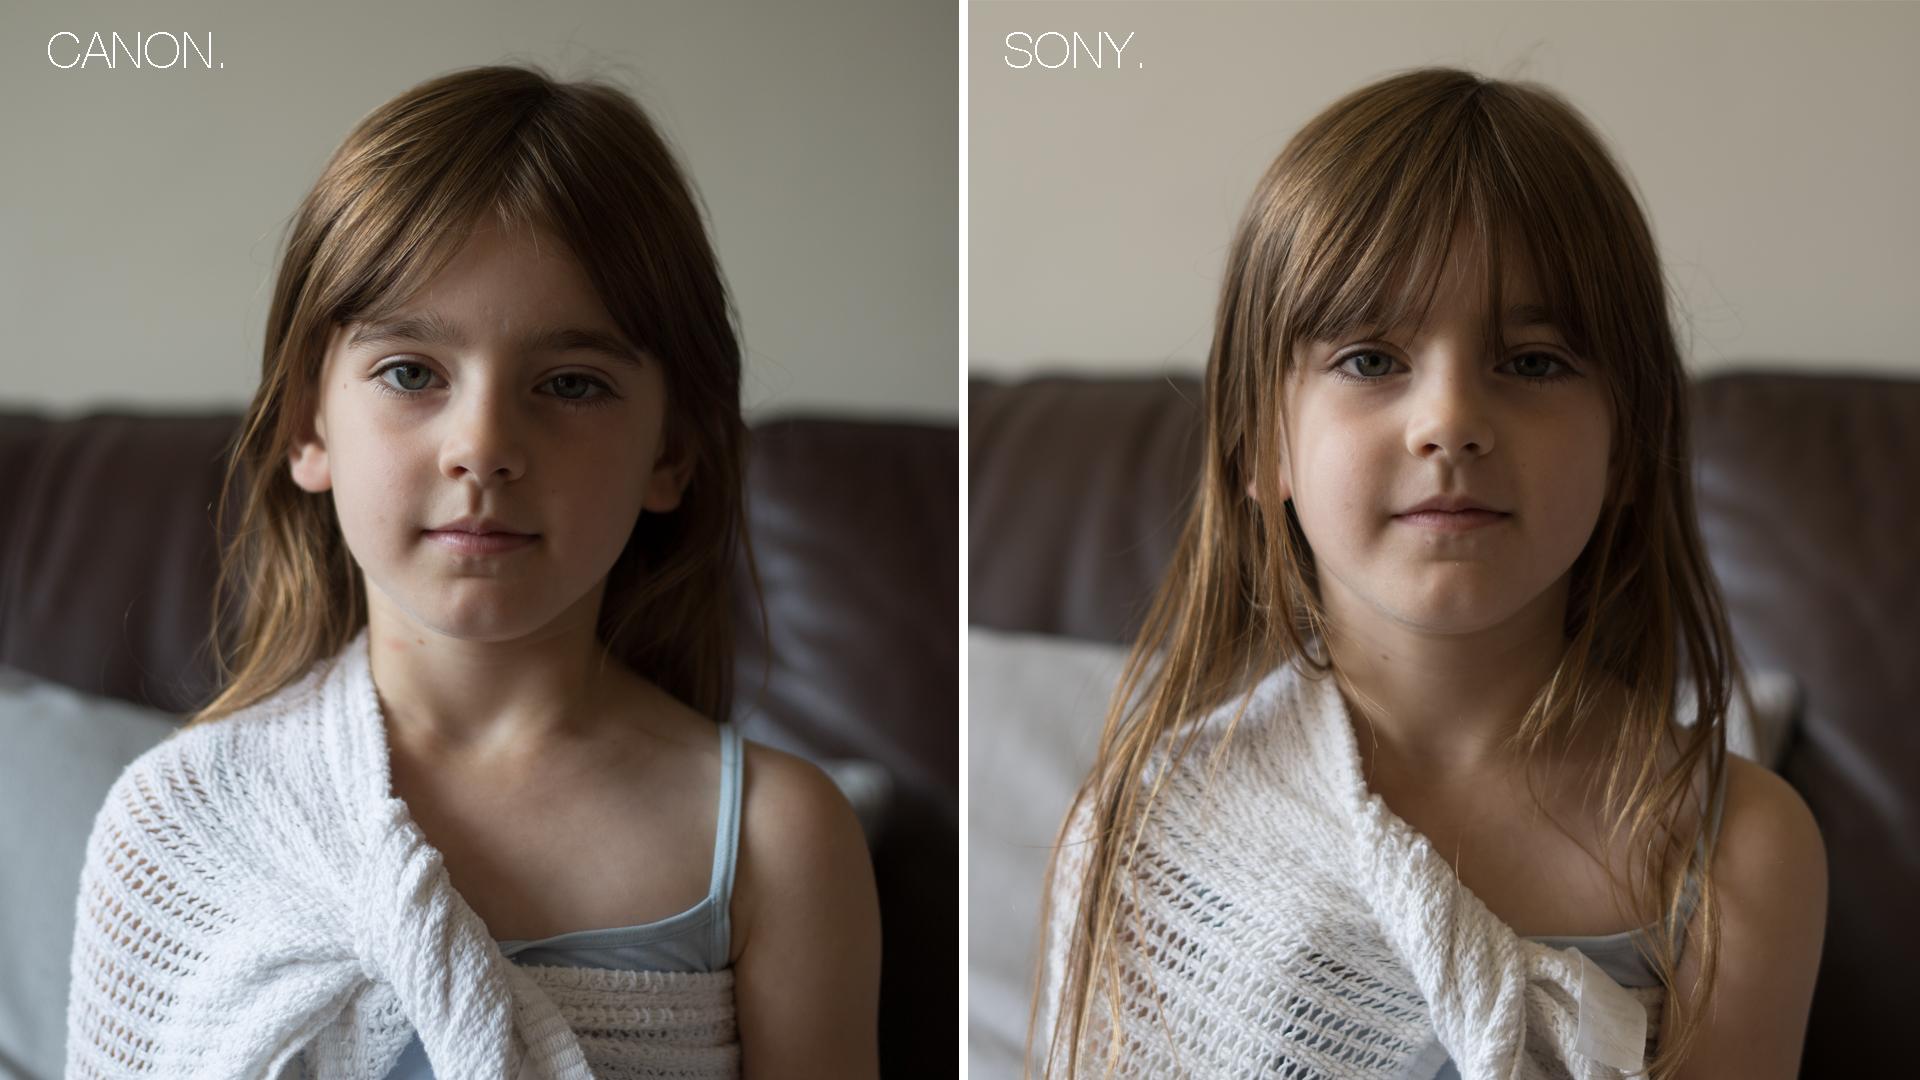 Canon vs Sony comparison 1